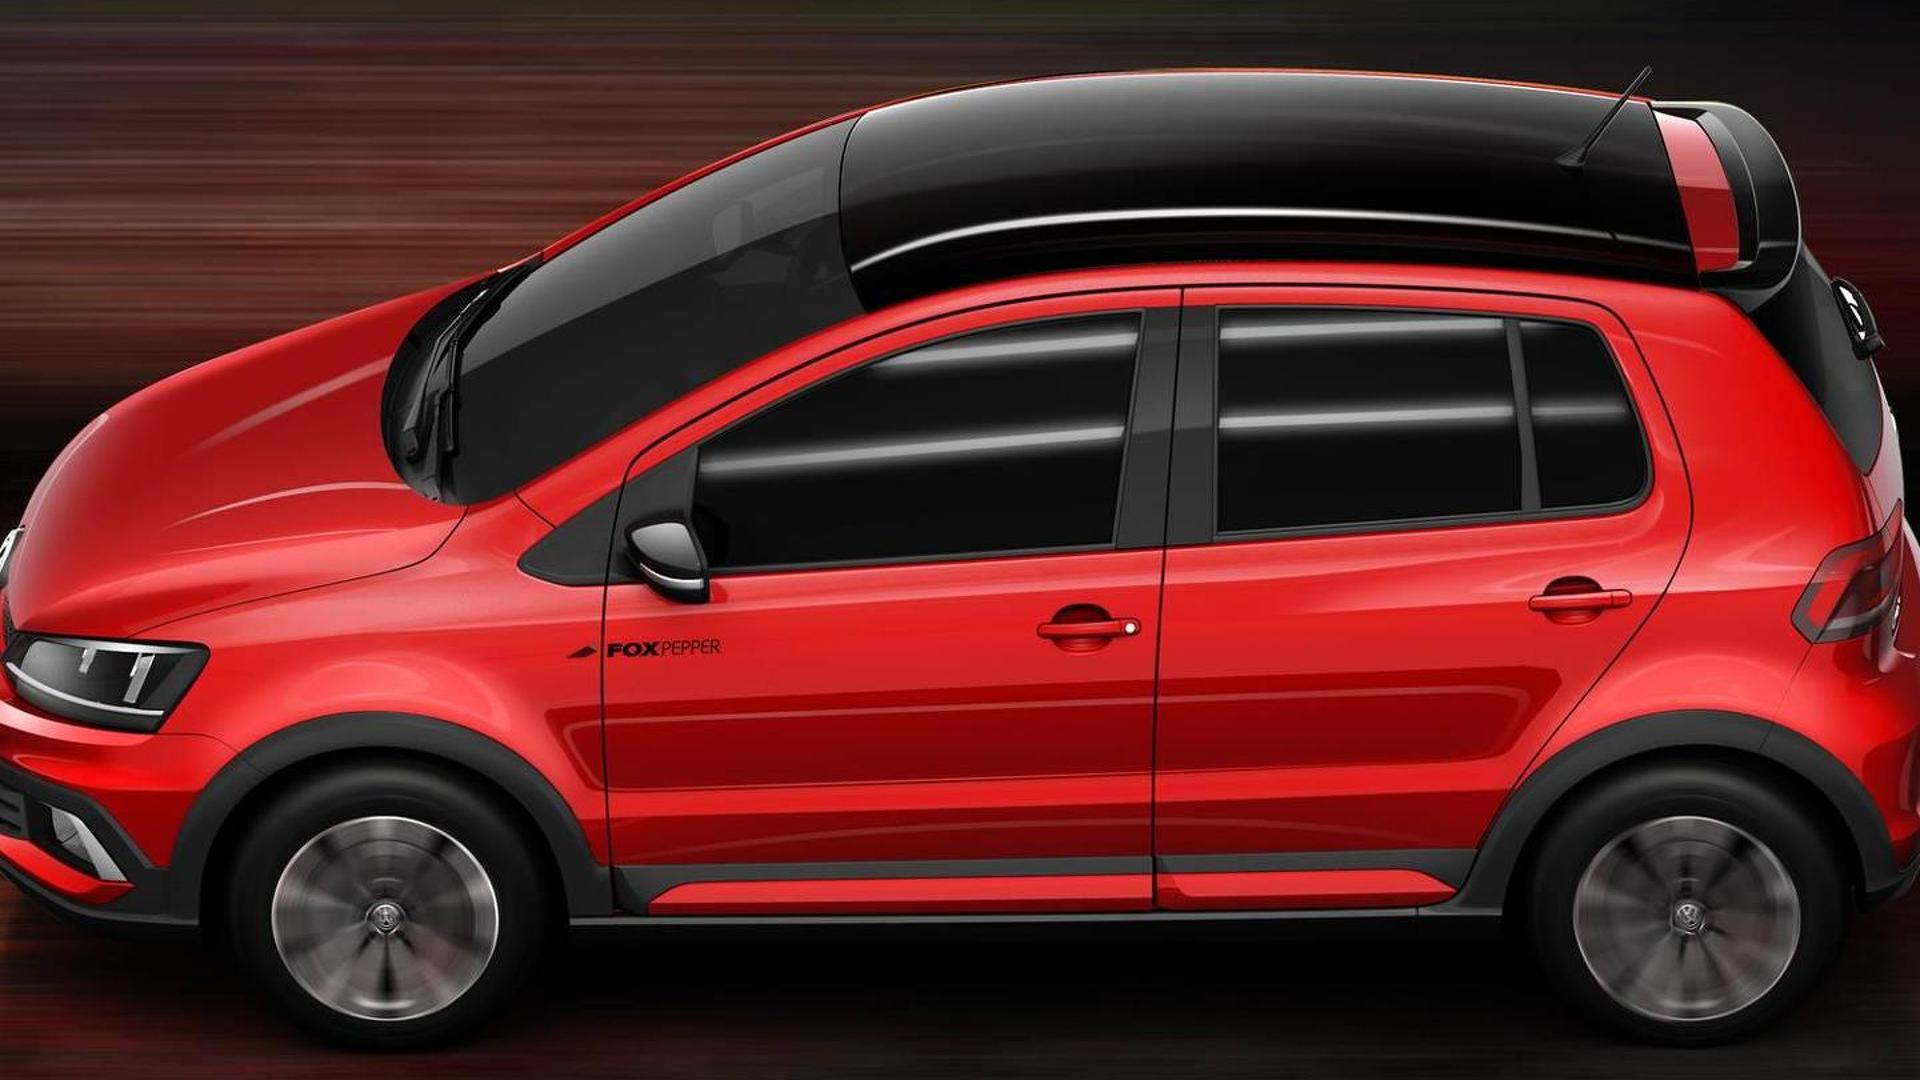 Volkswagen Fox Pepper. Концепт 2014 года